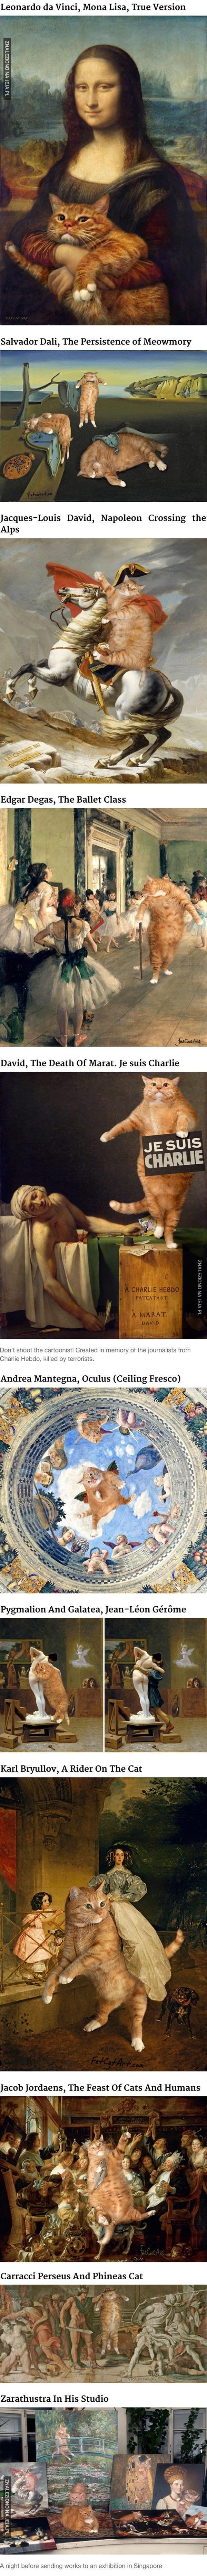 Koty na słynnych obrazach